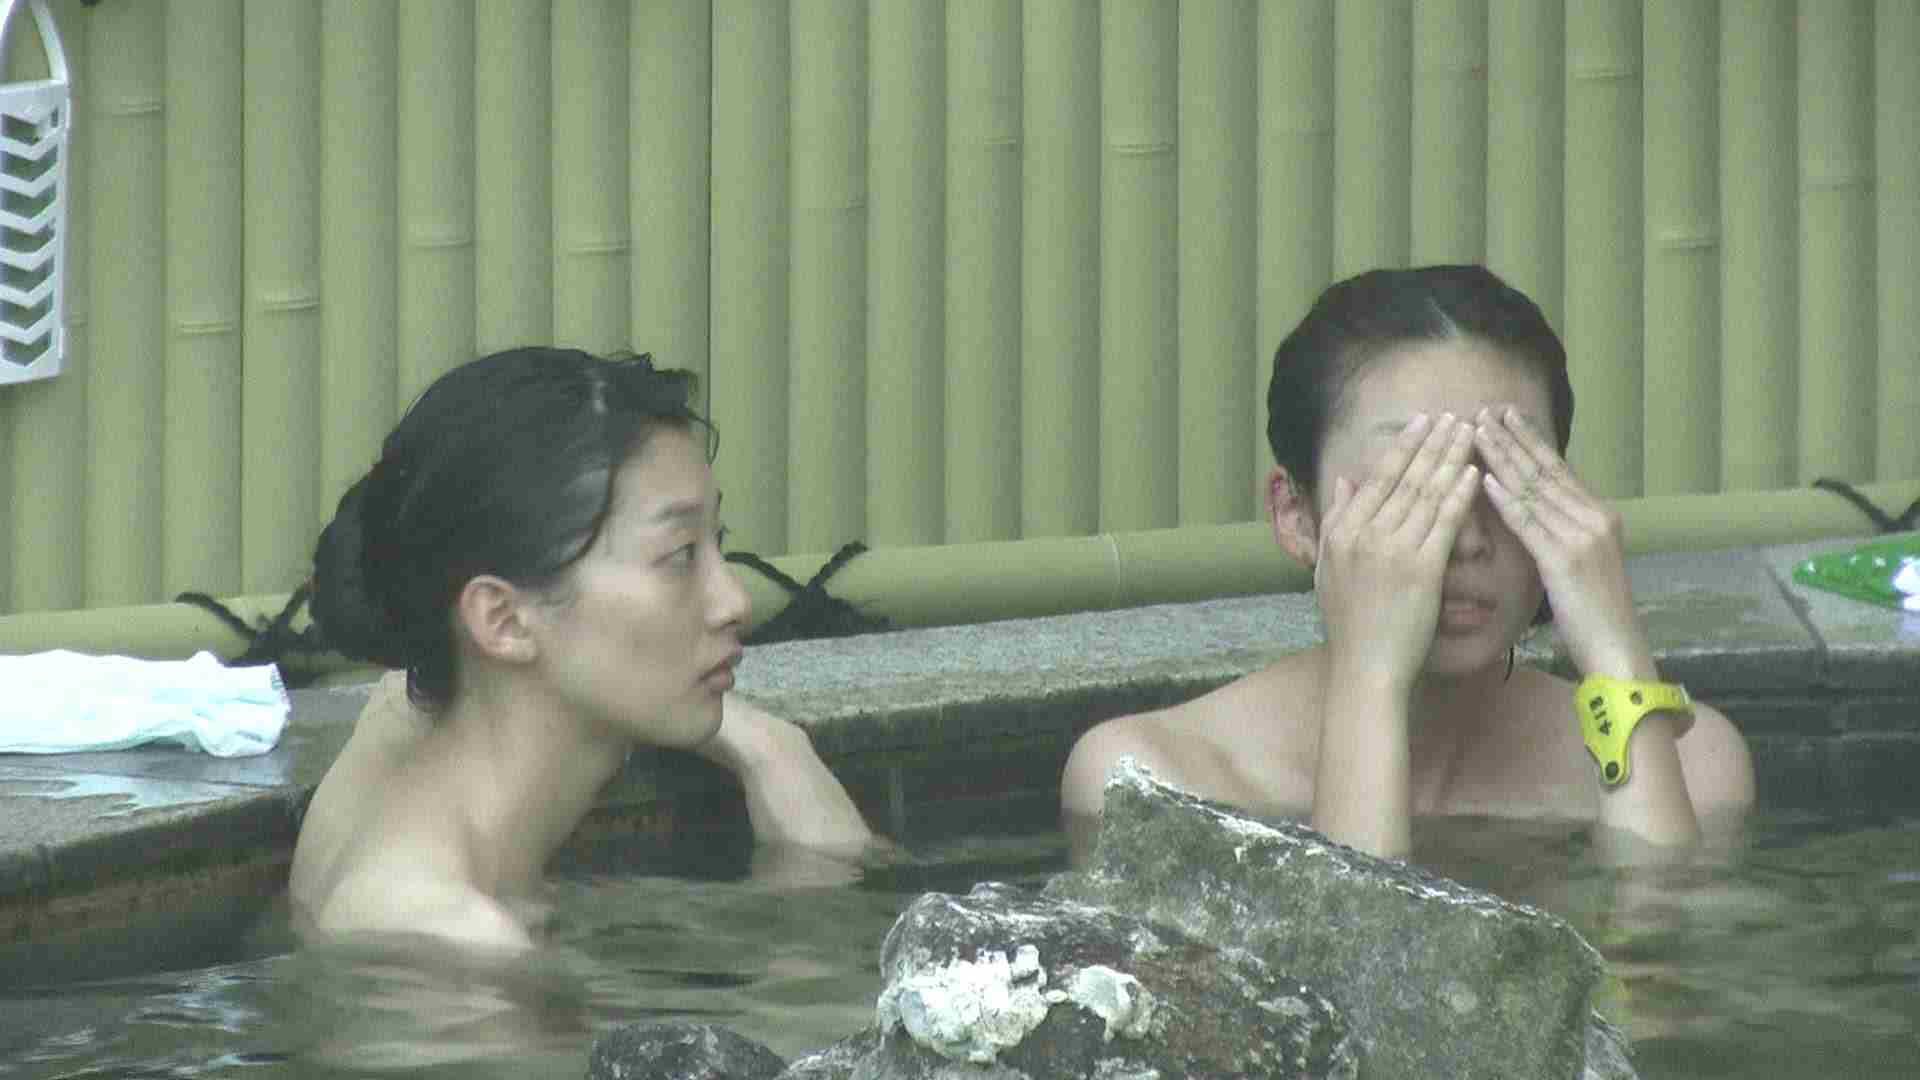 Aquaな露天風呂Vol.195 OL  67pic 34